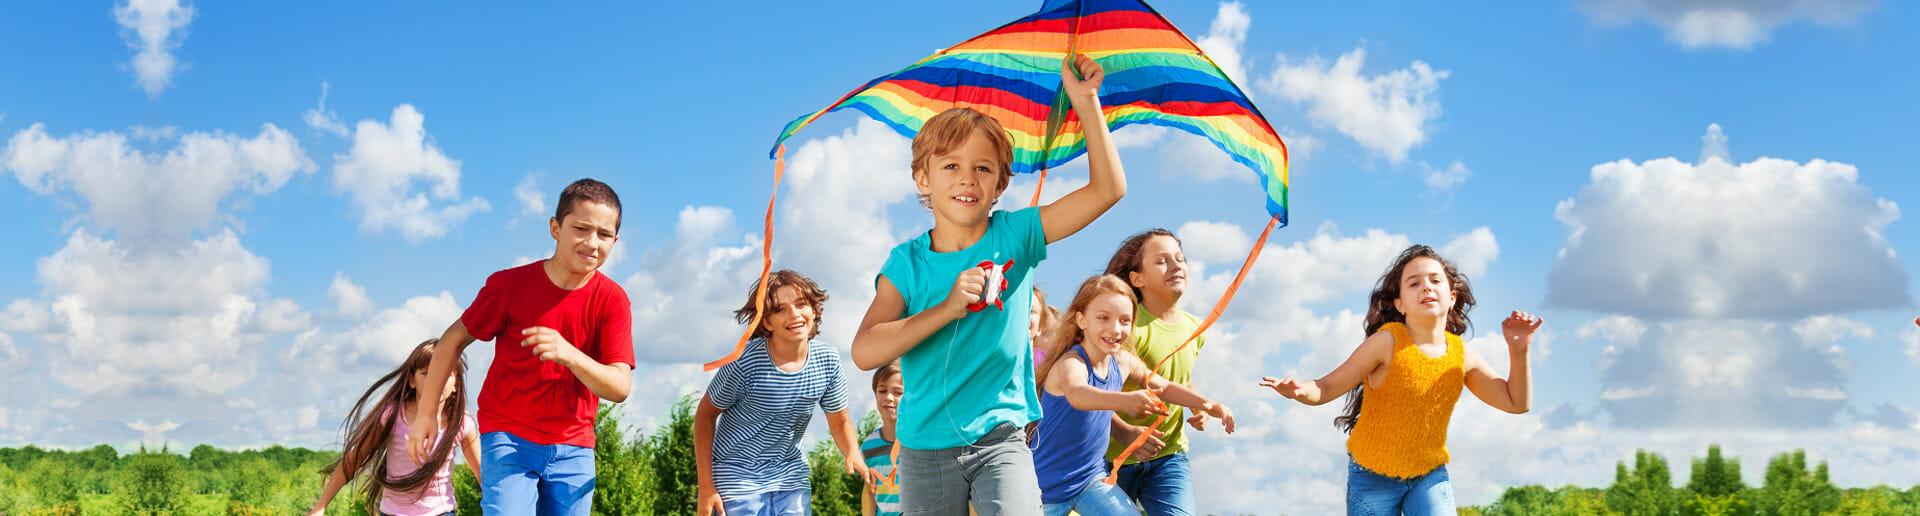 Wenuss – Place zabaw dla dzieci, Huśtawka, Huśtawka dla dzieci, Piaskownice dla dzieci